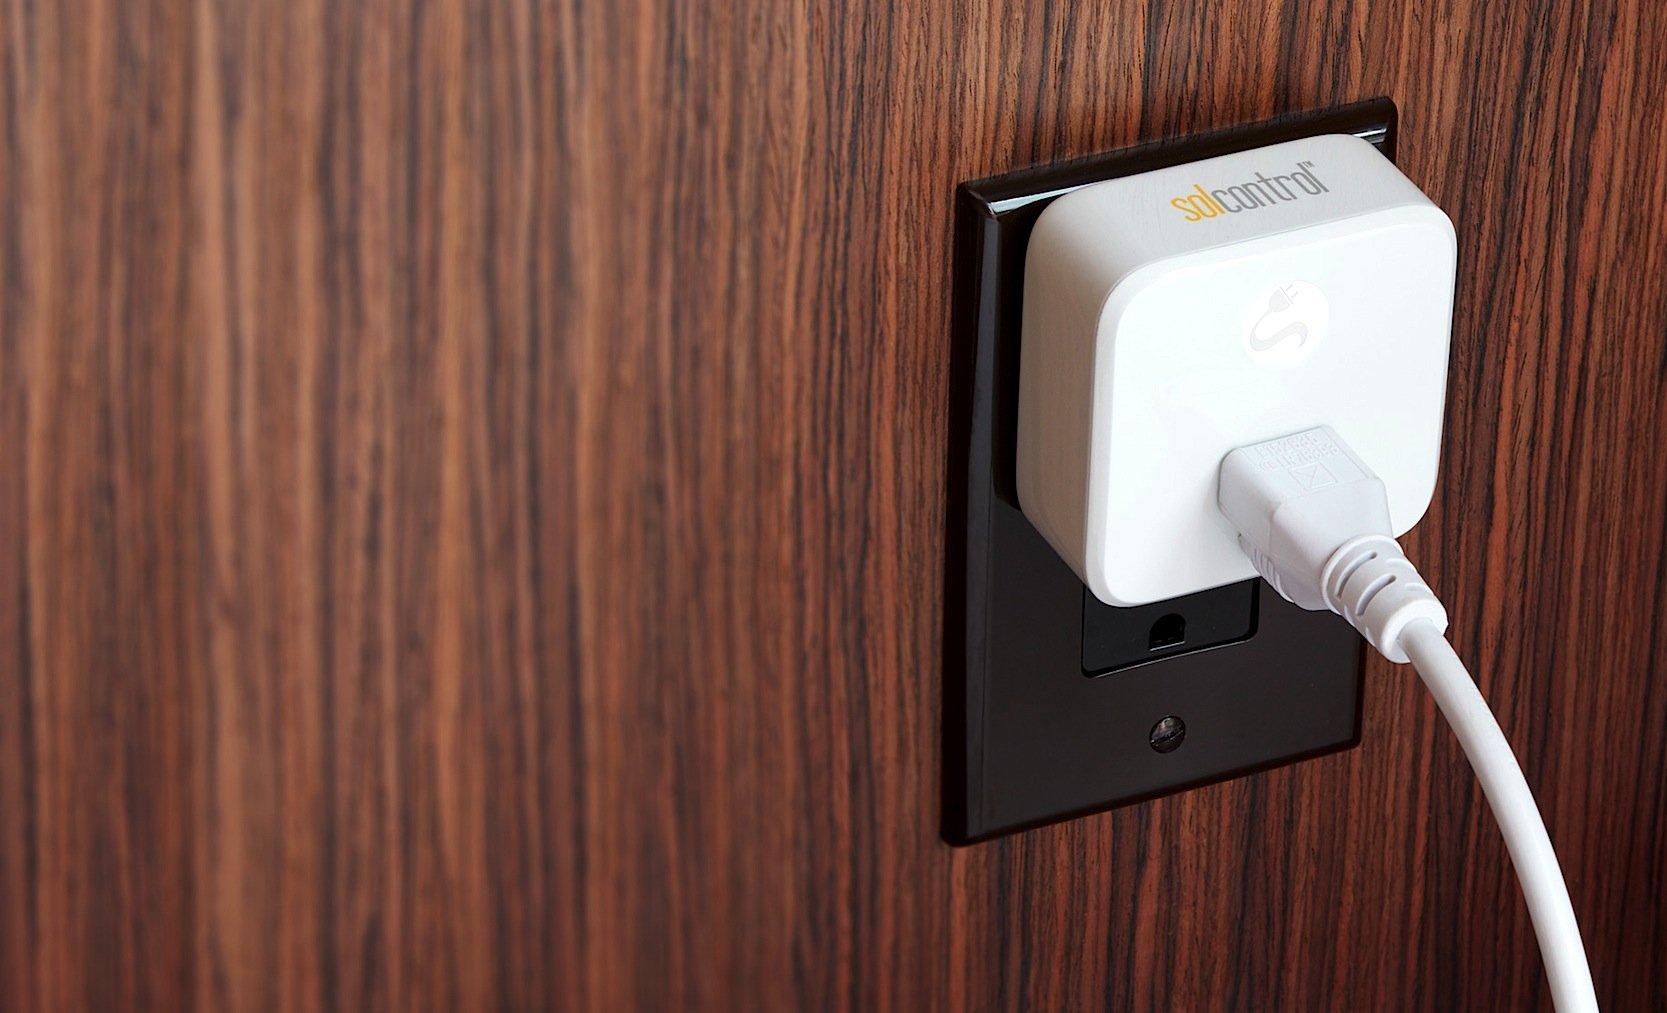 Über ein Adapter, das einfach in die Steckdose gesteckt wird, kann auch Strom ins Netz eingespeist werden. Dazu verfügt das System über einen Wechselrichter, der nach BedarfGleich- und Wechselspannung erzeugt.